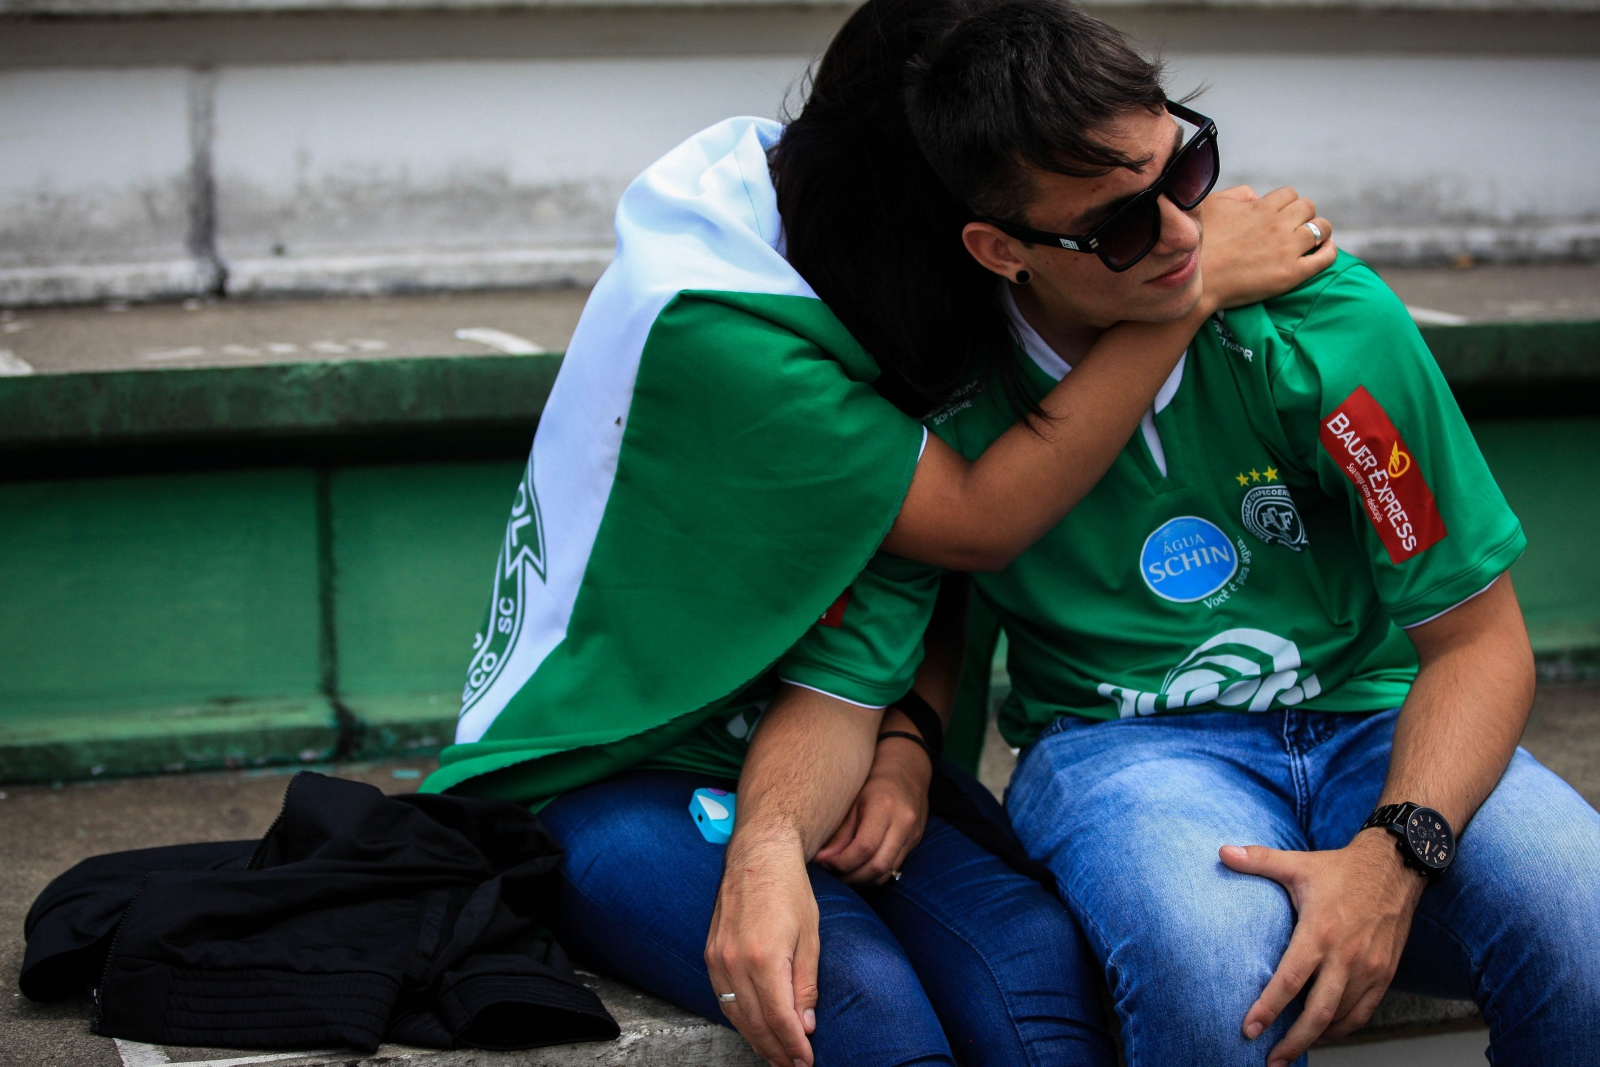 Rozpacz kibiców drużyny Chapecoense po śmierci jej piłkarzy do jakiej doszło w wyniku katastrofy samolotu w Kolumbii.